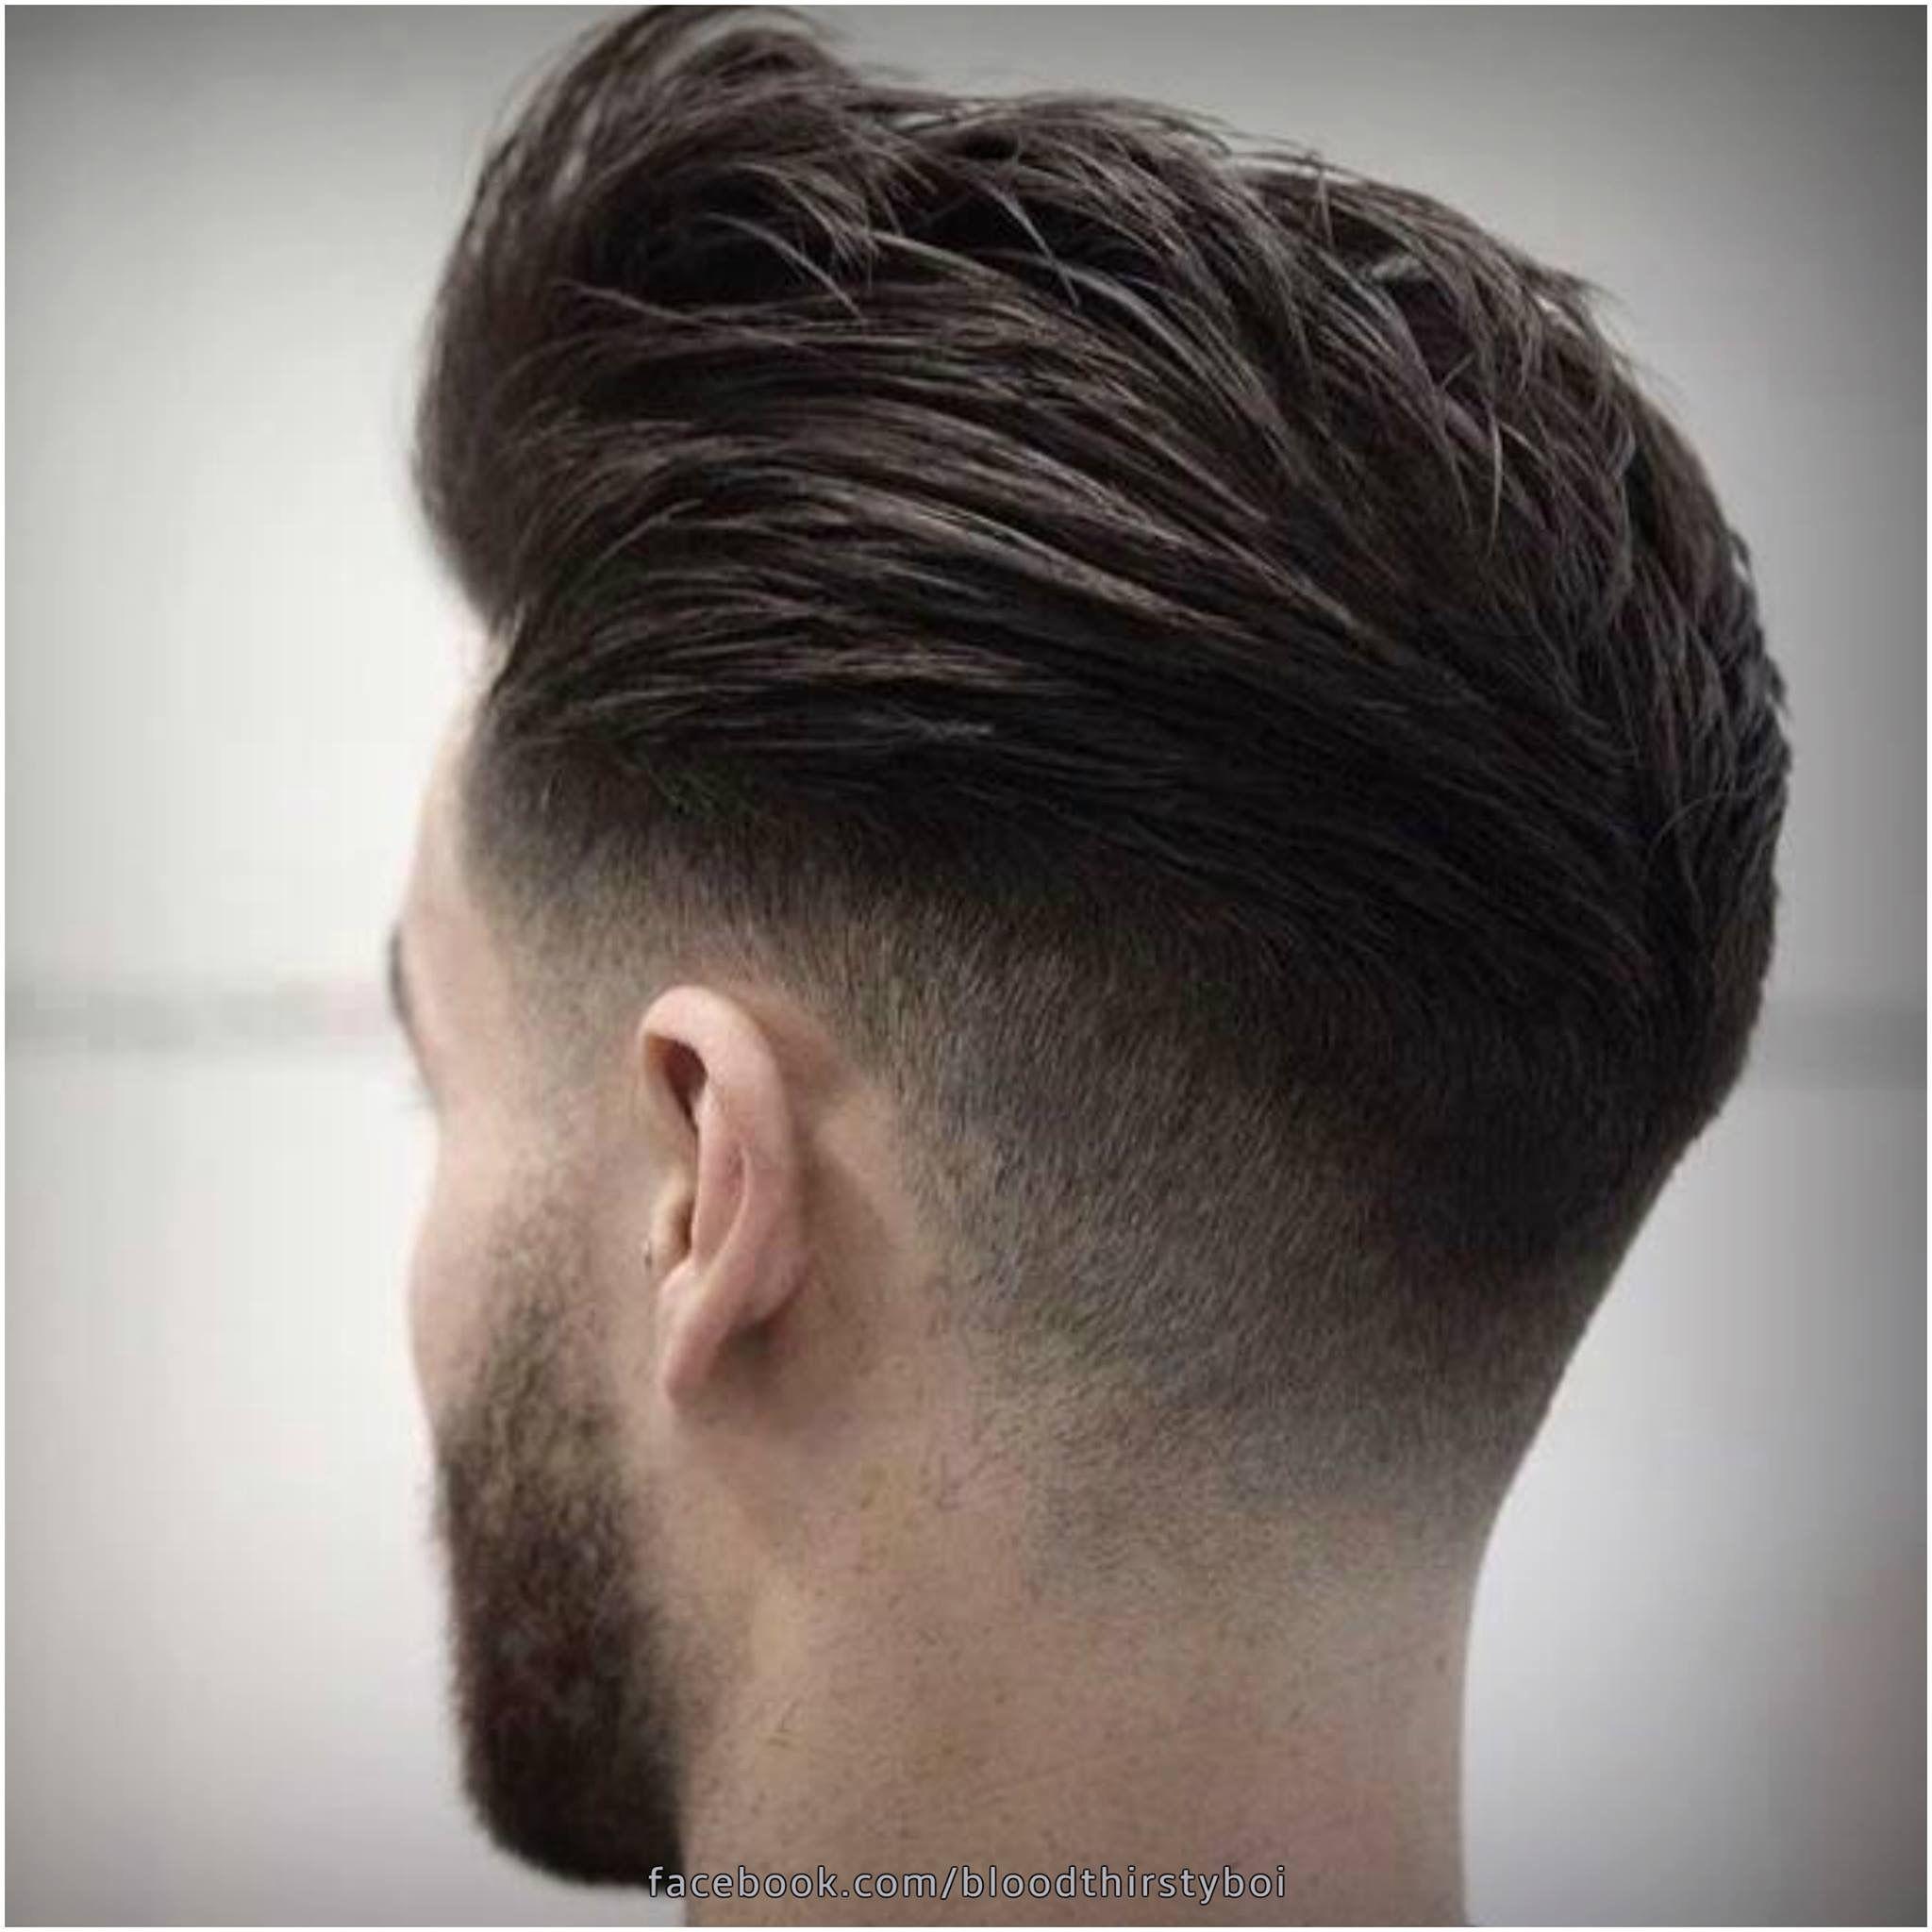 男性用アンダーカットヘアスタイル, 低フェード散髪, 太い髪用のヘアカット, ヘアスタイルショート, メンズヘアスタイルフェード, 短い髪,  ヘアスタイル, ヒント, 髪